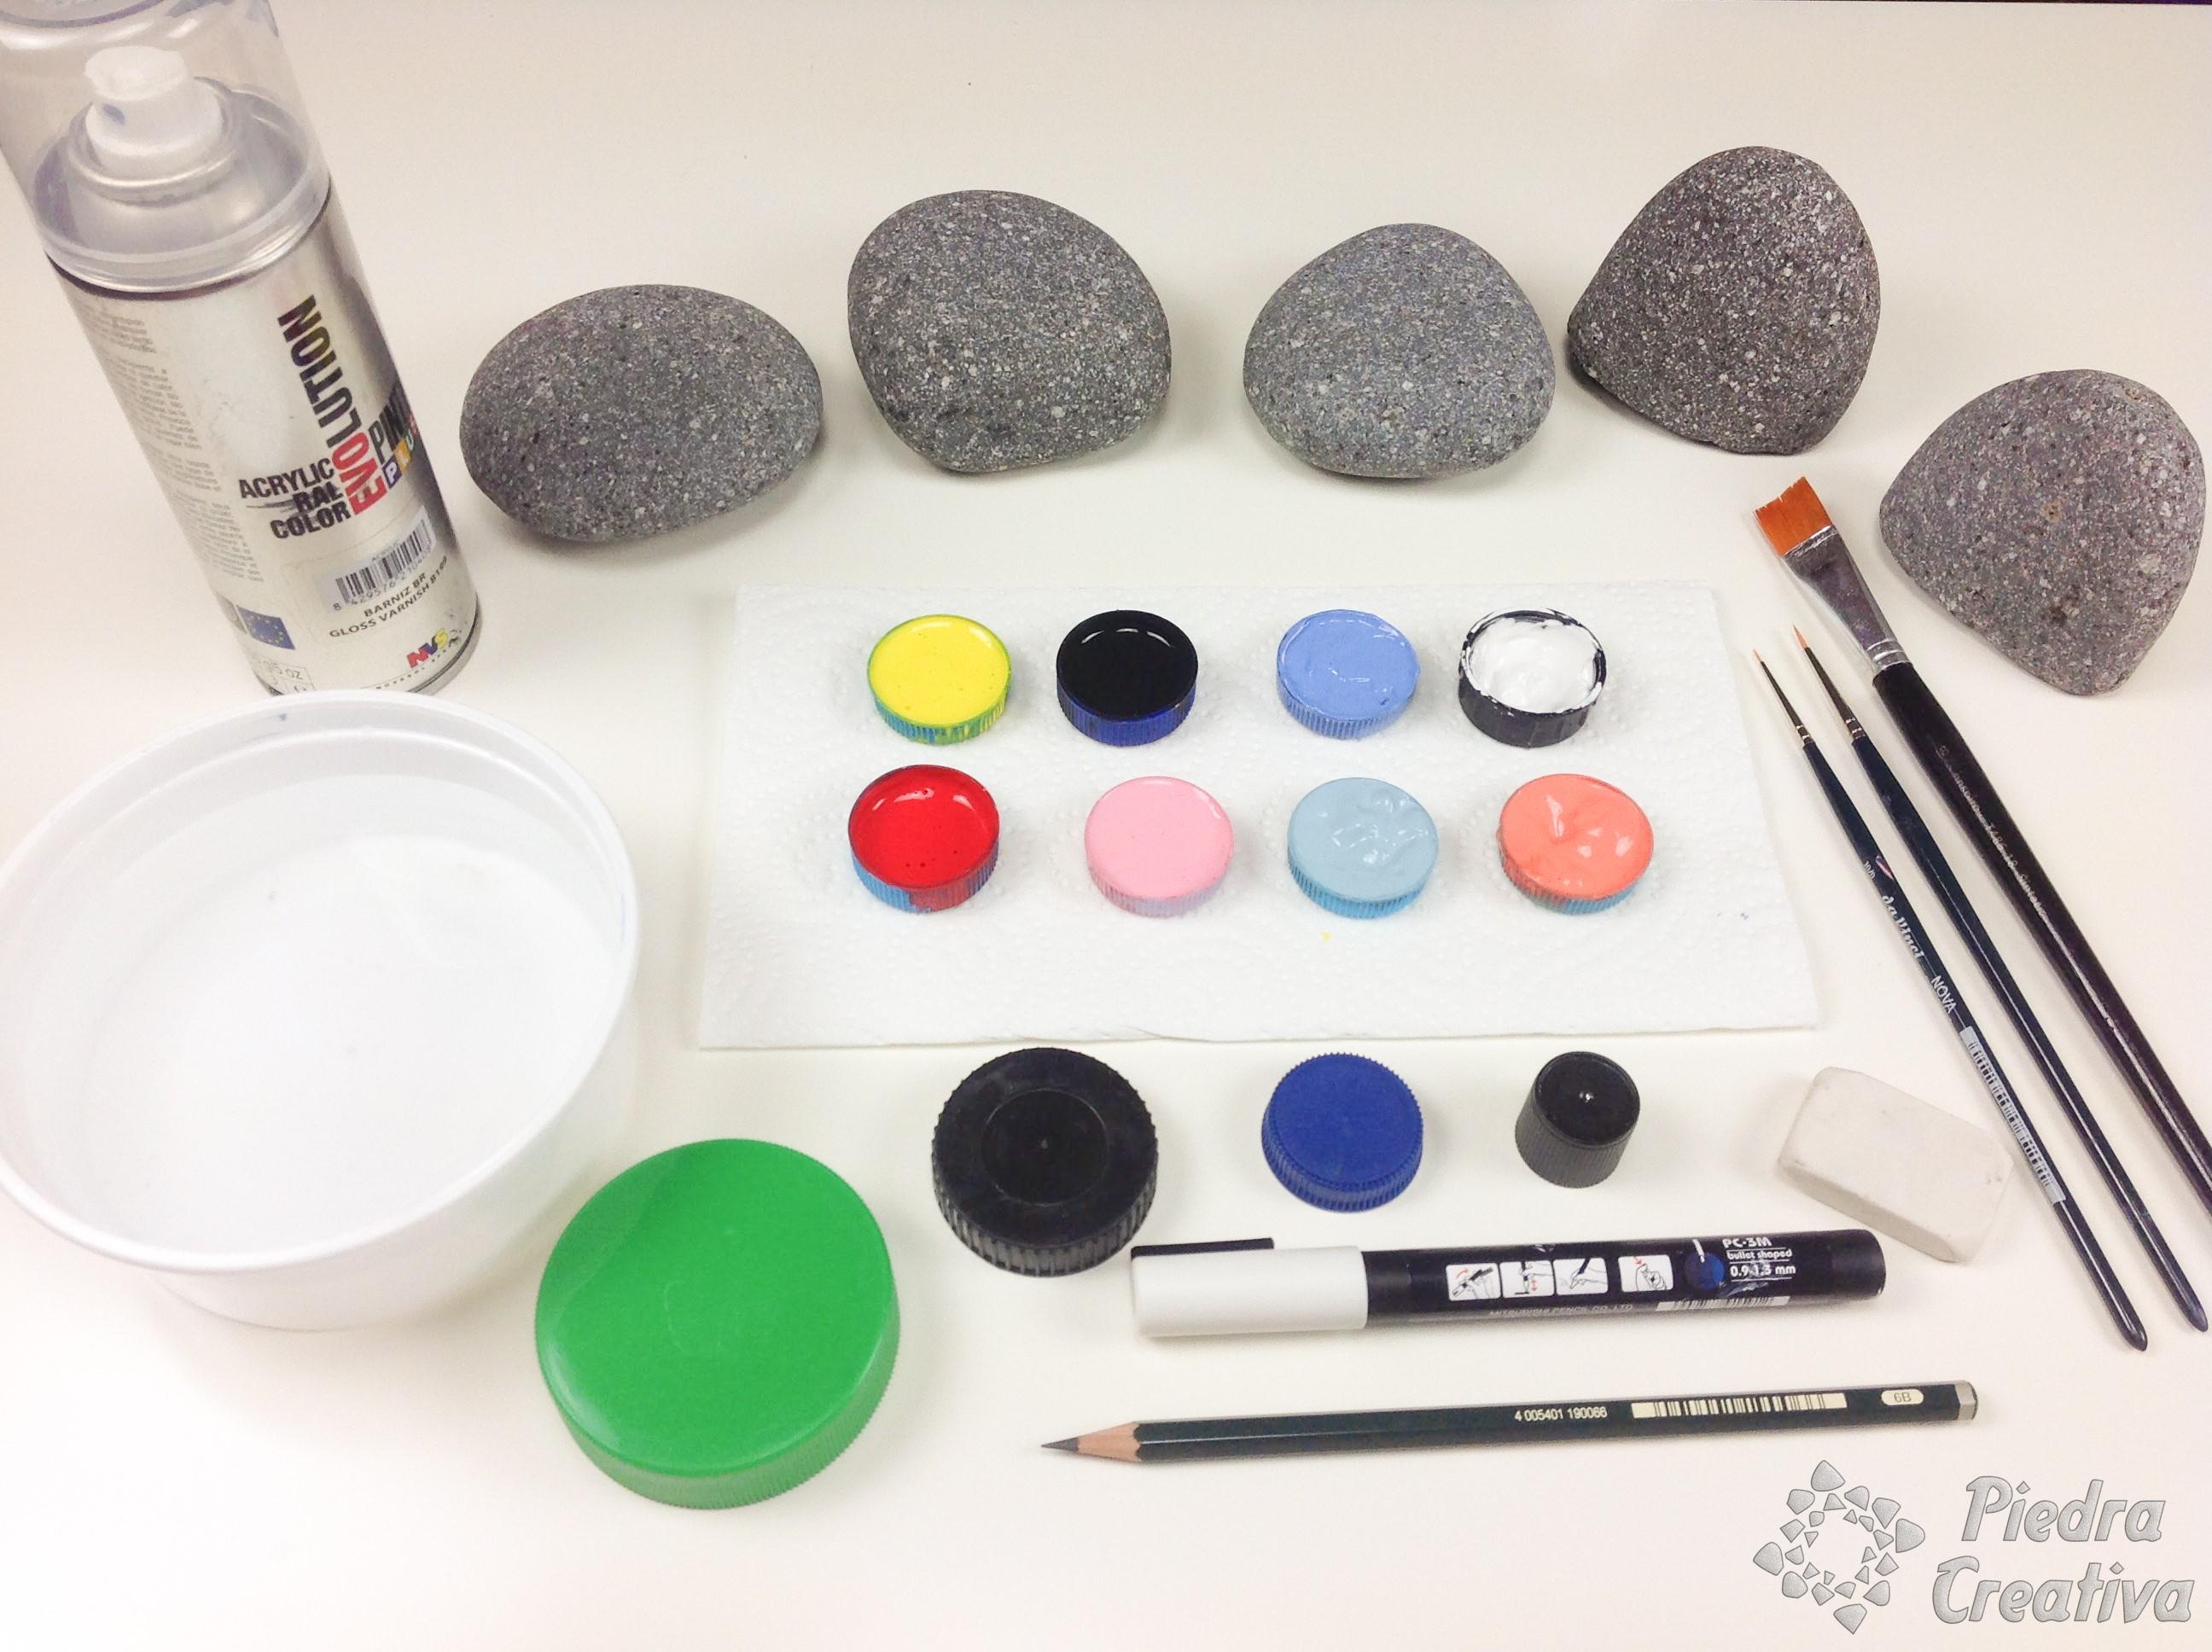 Manualidades de pacman con piedras pintadas diy - Materiales de pintura de pared ...